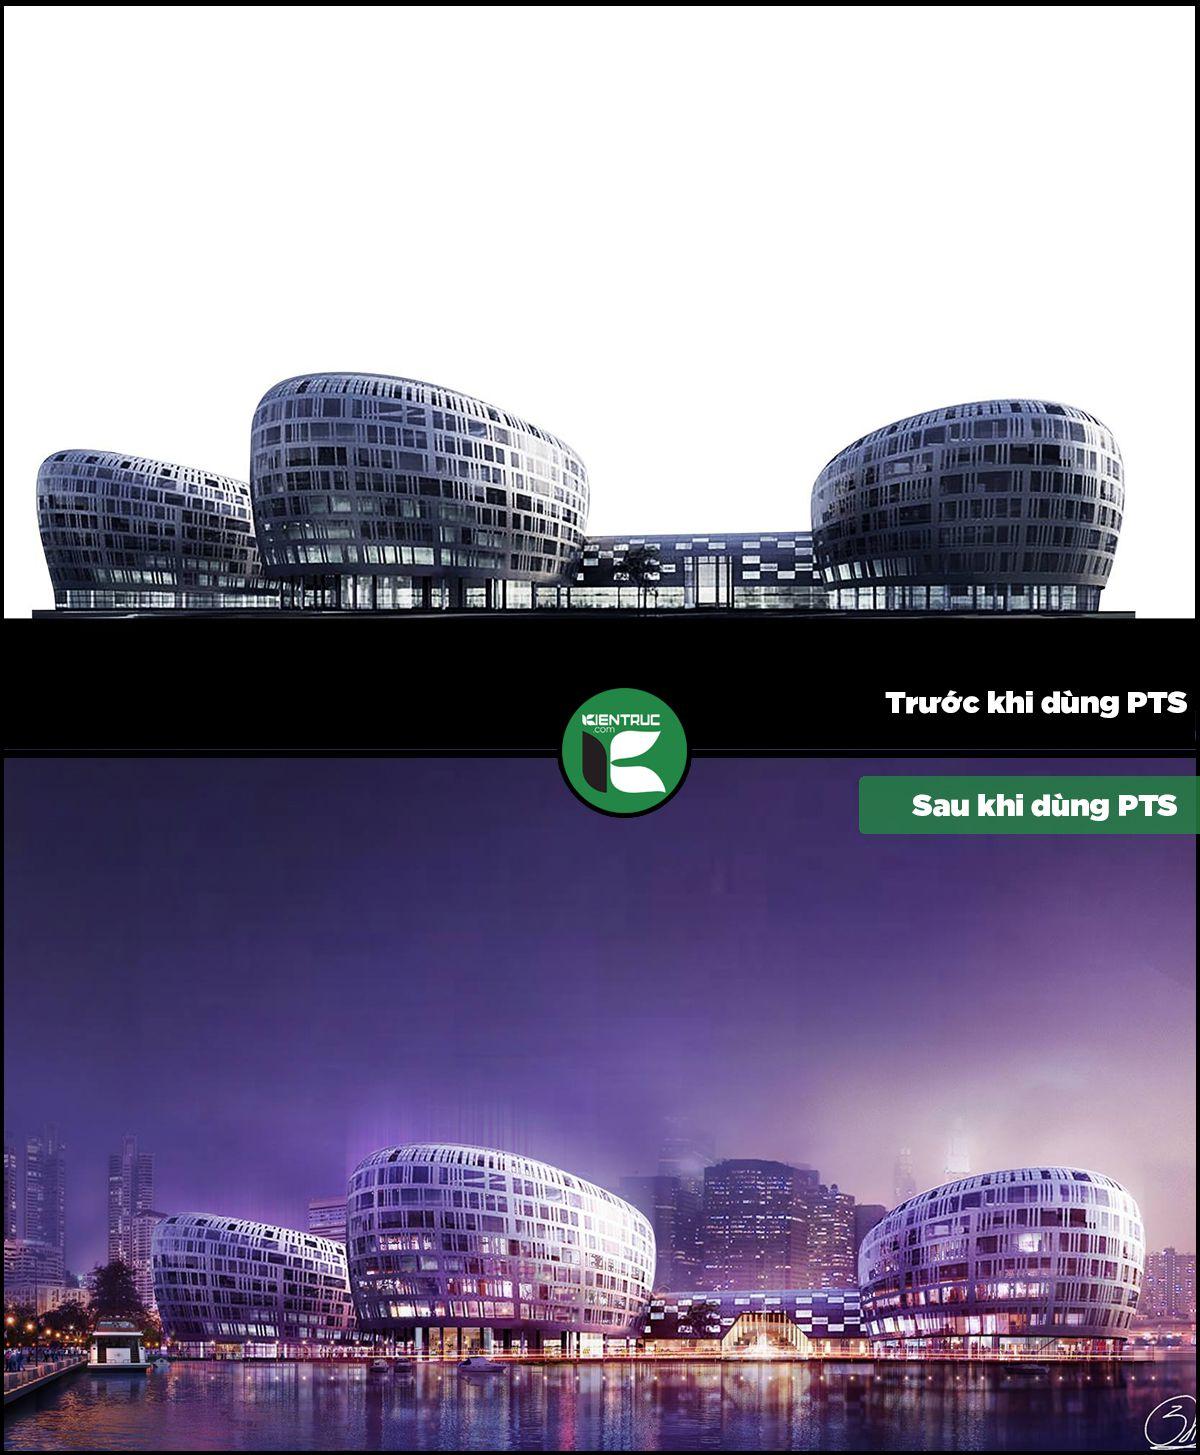 Sử dụng thư viện photoshop kiến trúc trong thể hiện đồ án